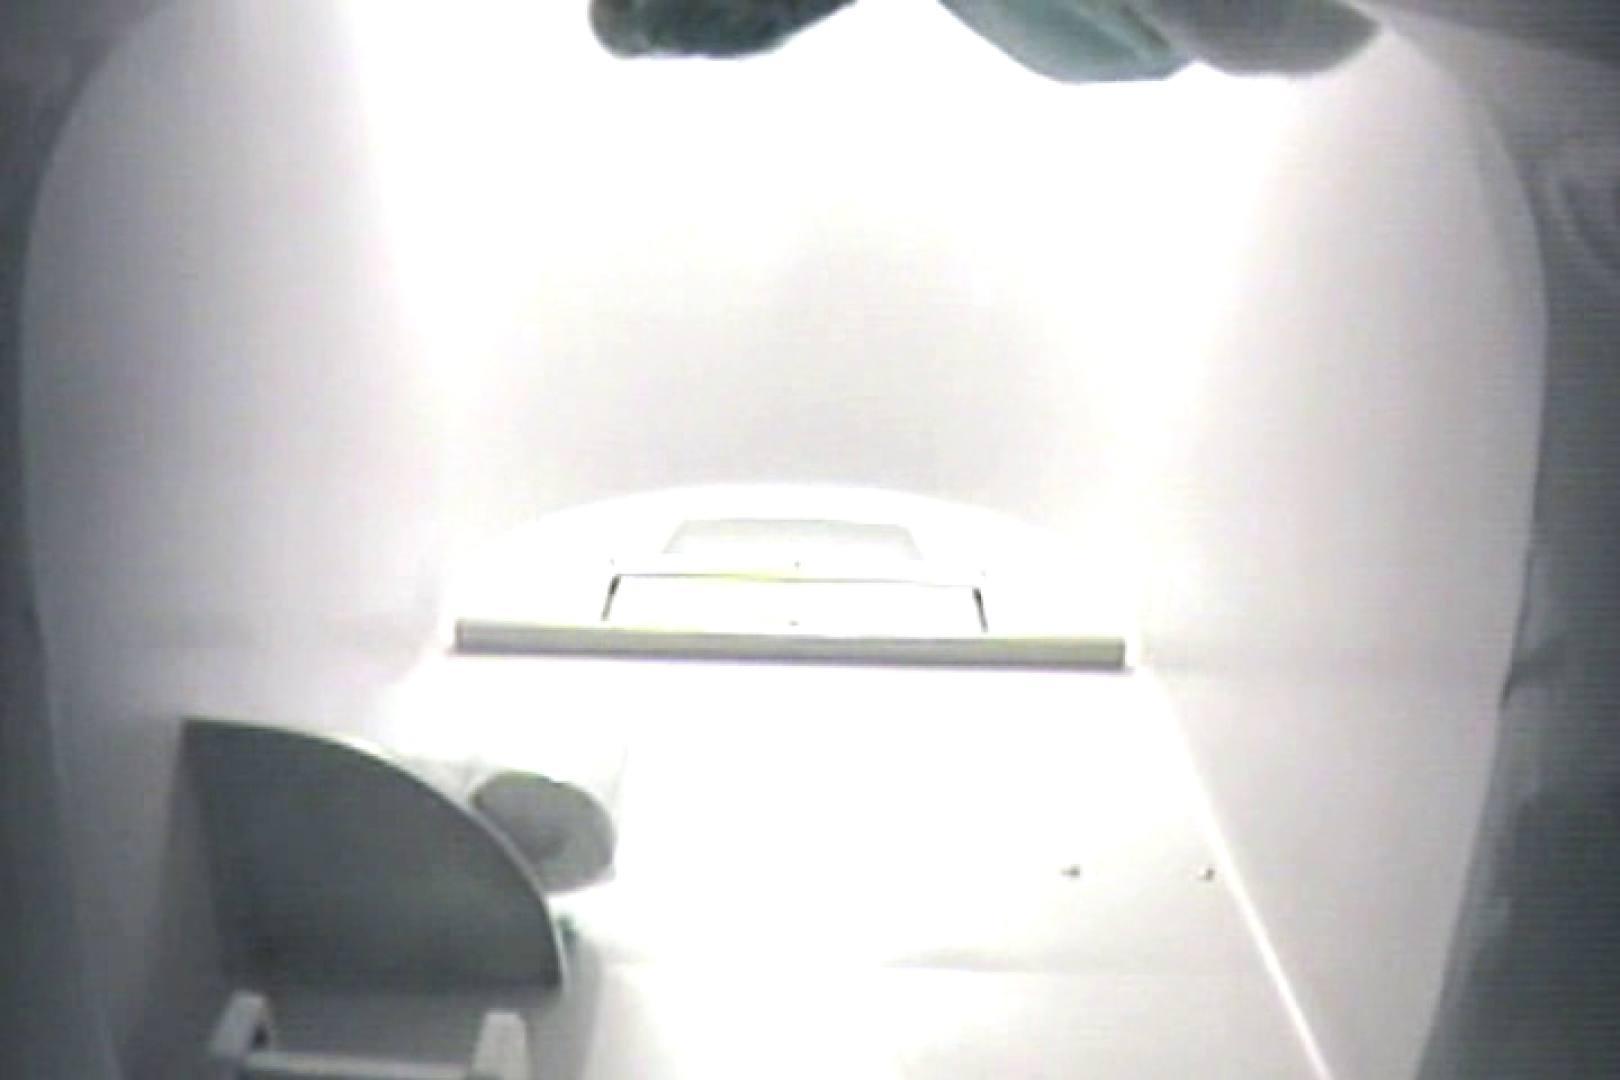 [お盆限定]和式洗面所汚物フレフレ100連発 Vol.1 和式 AV動画キャプチャ 58画像 6